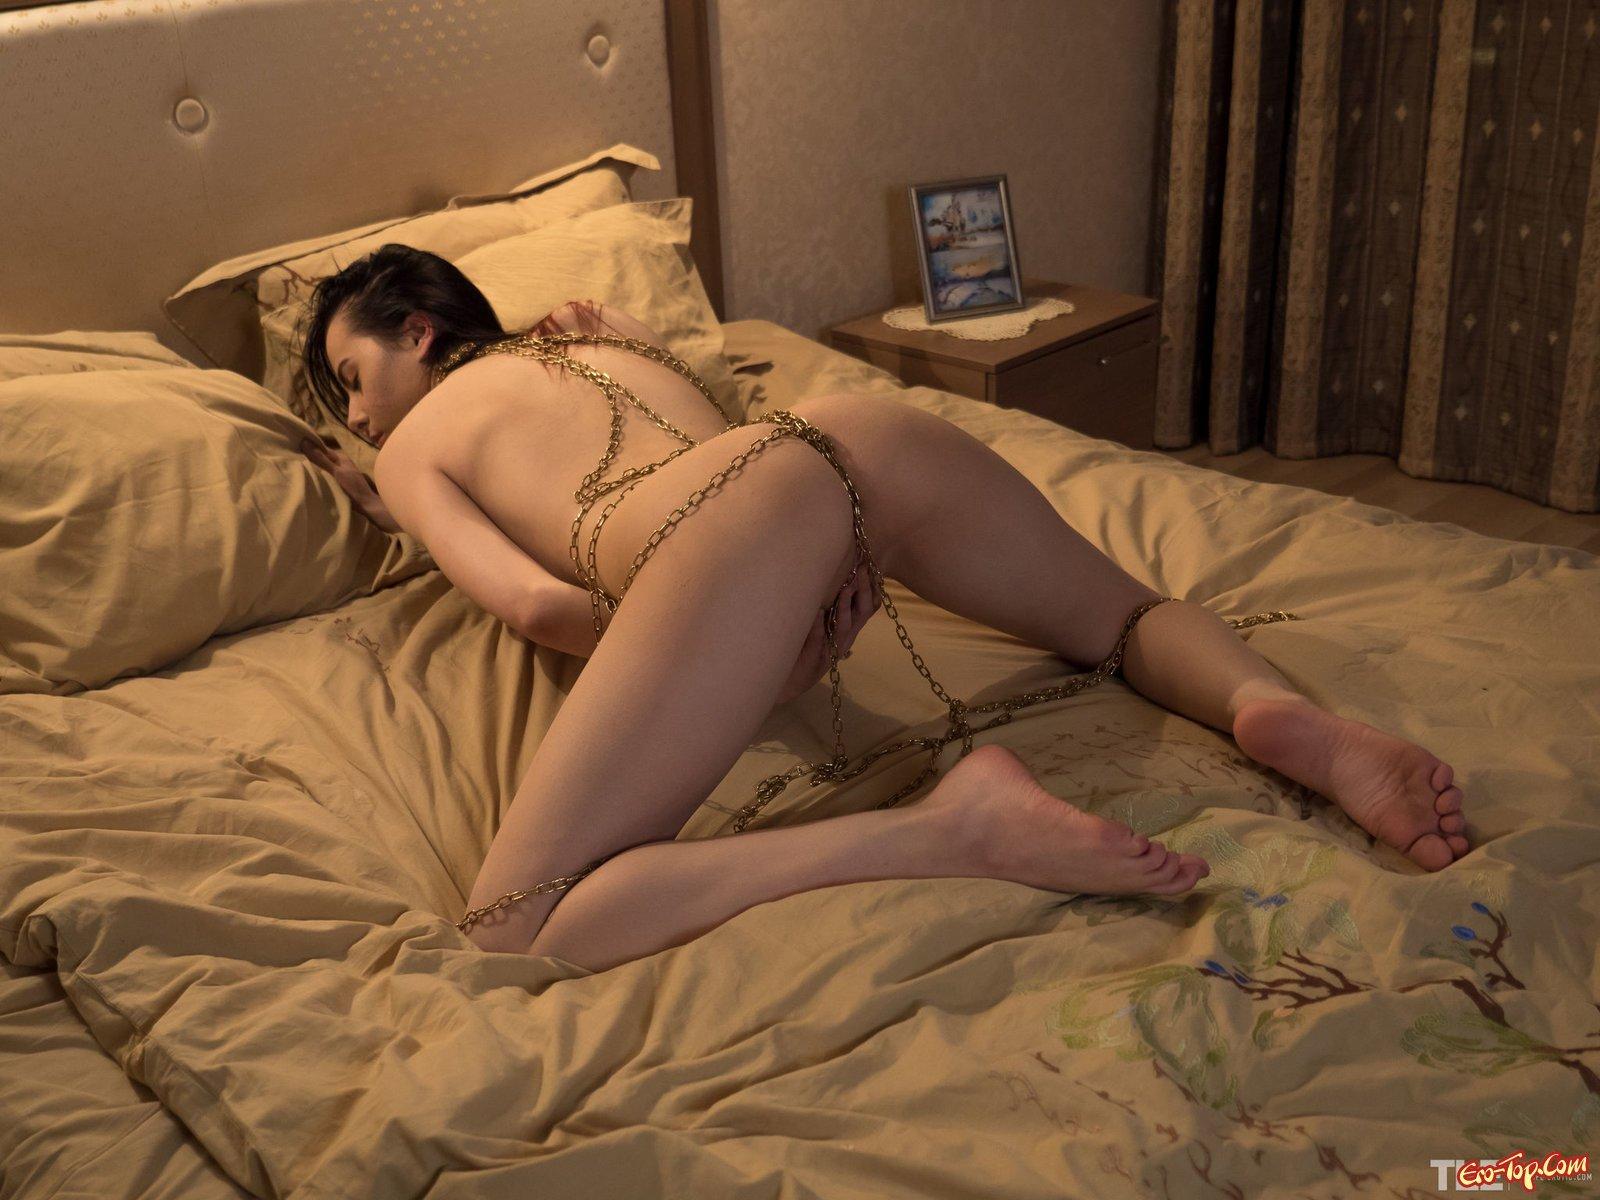 Голая сексуальная девушка в цепях позирует в постели